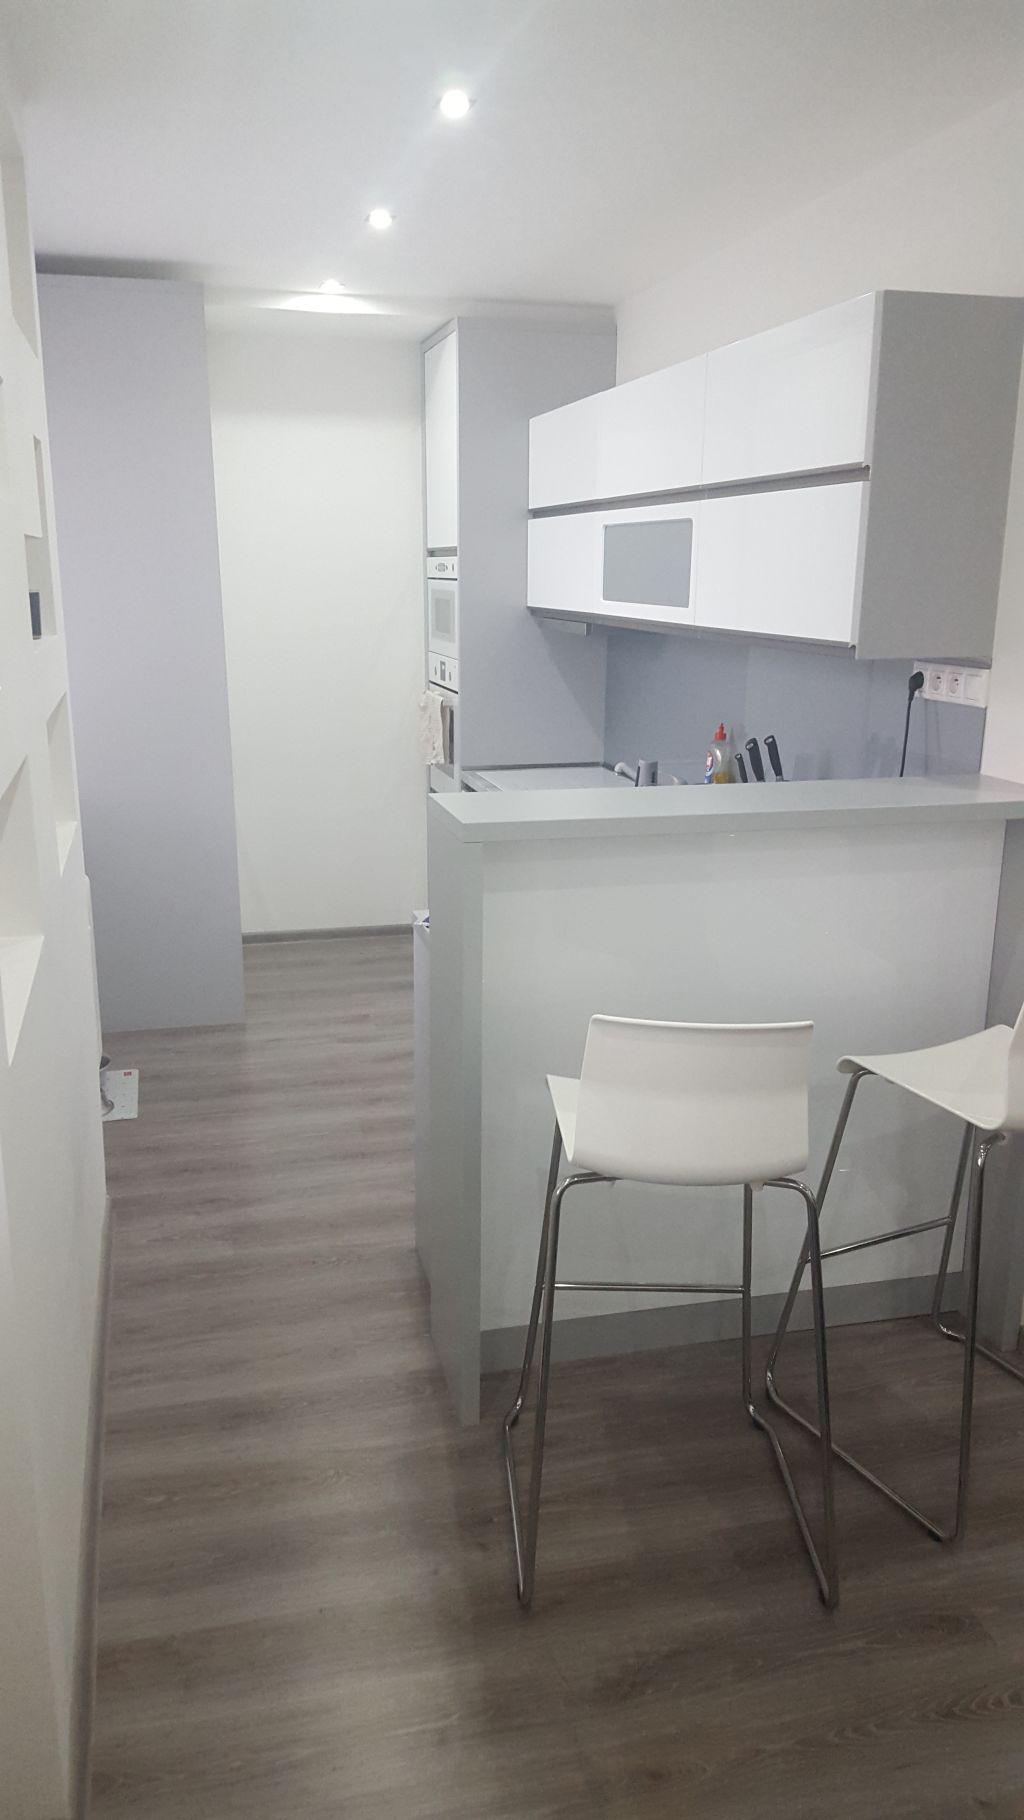 963ebf7cbf93 Vstavaná kuchyňa biela Trnava. Share